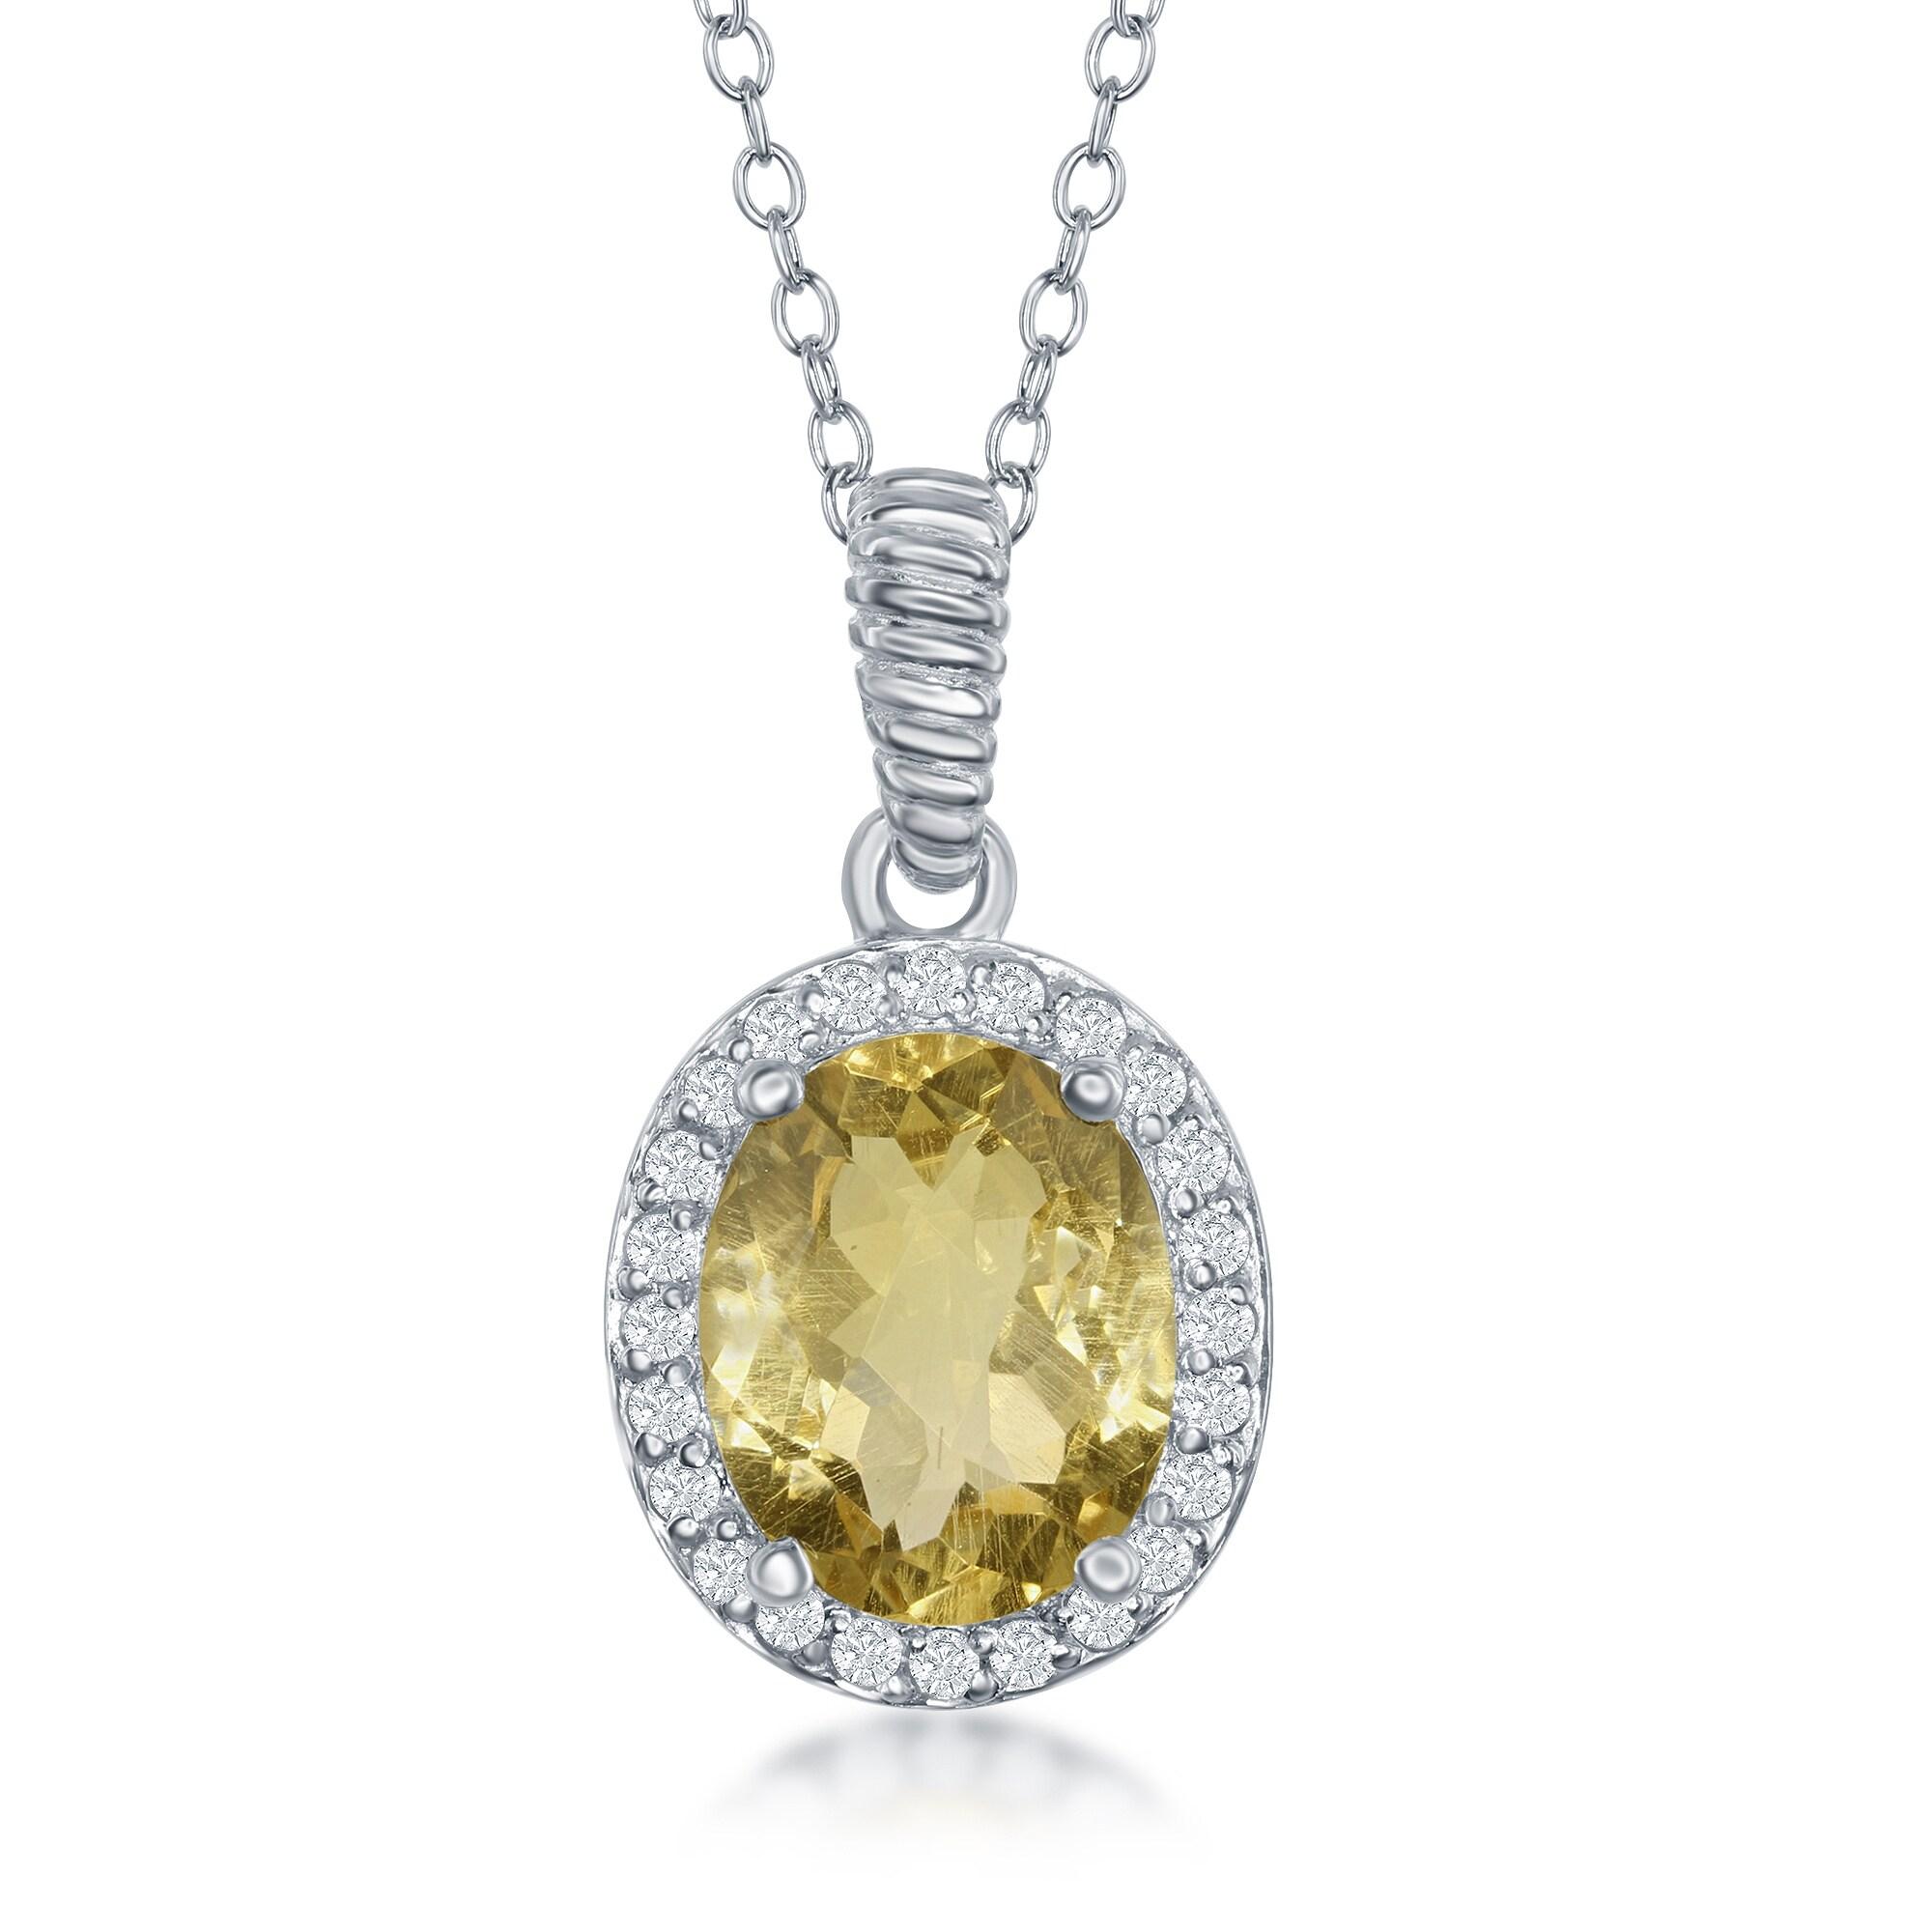 La preciosa sterling silver genuine oval stone w white topaz 18 la preciosa plata esterlina genuino oval piedra con aloadofball Image collections